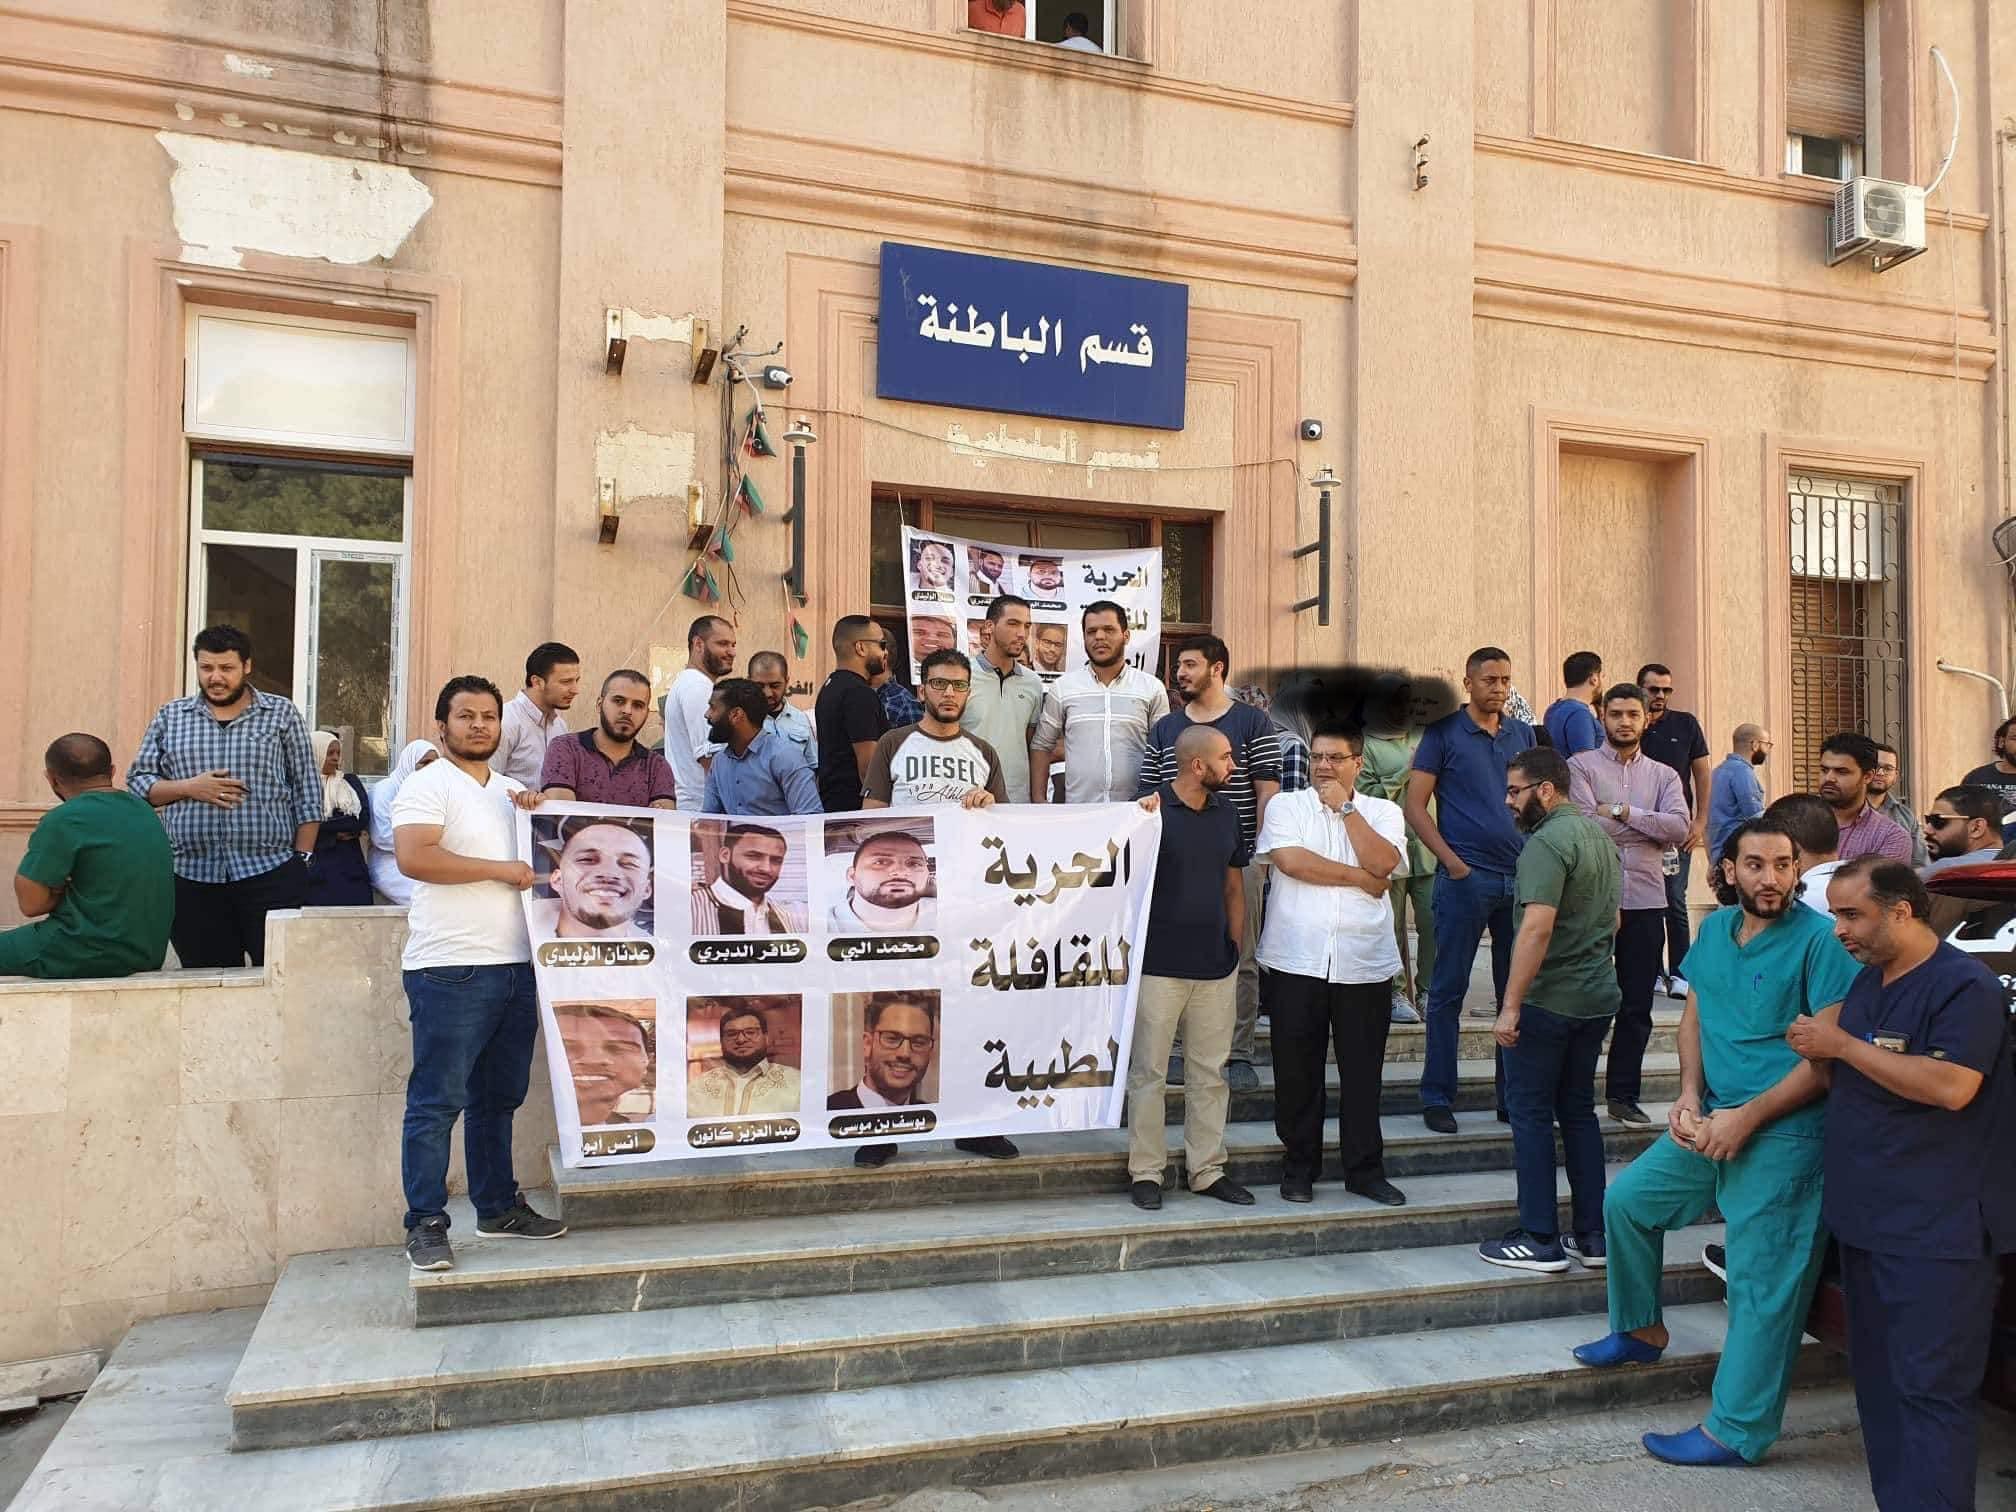 مستشفيات طرابلس تعلن تضامنها مع القافلة الطبية غدامس